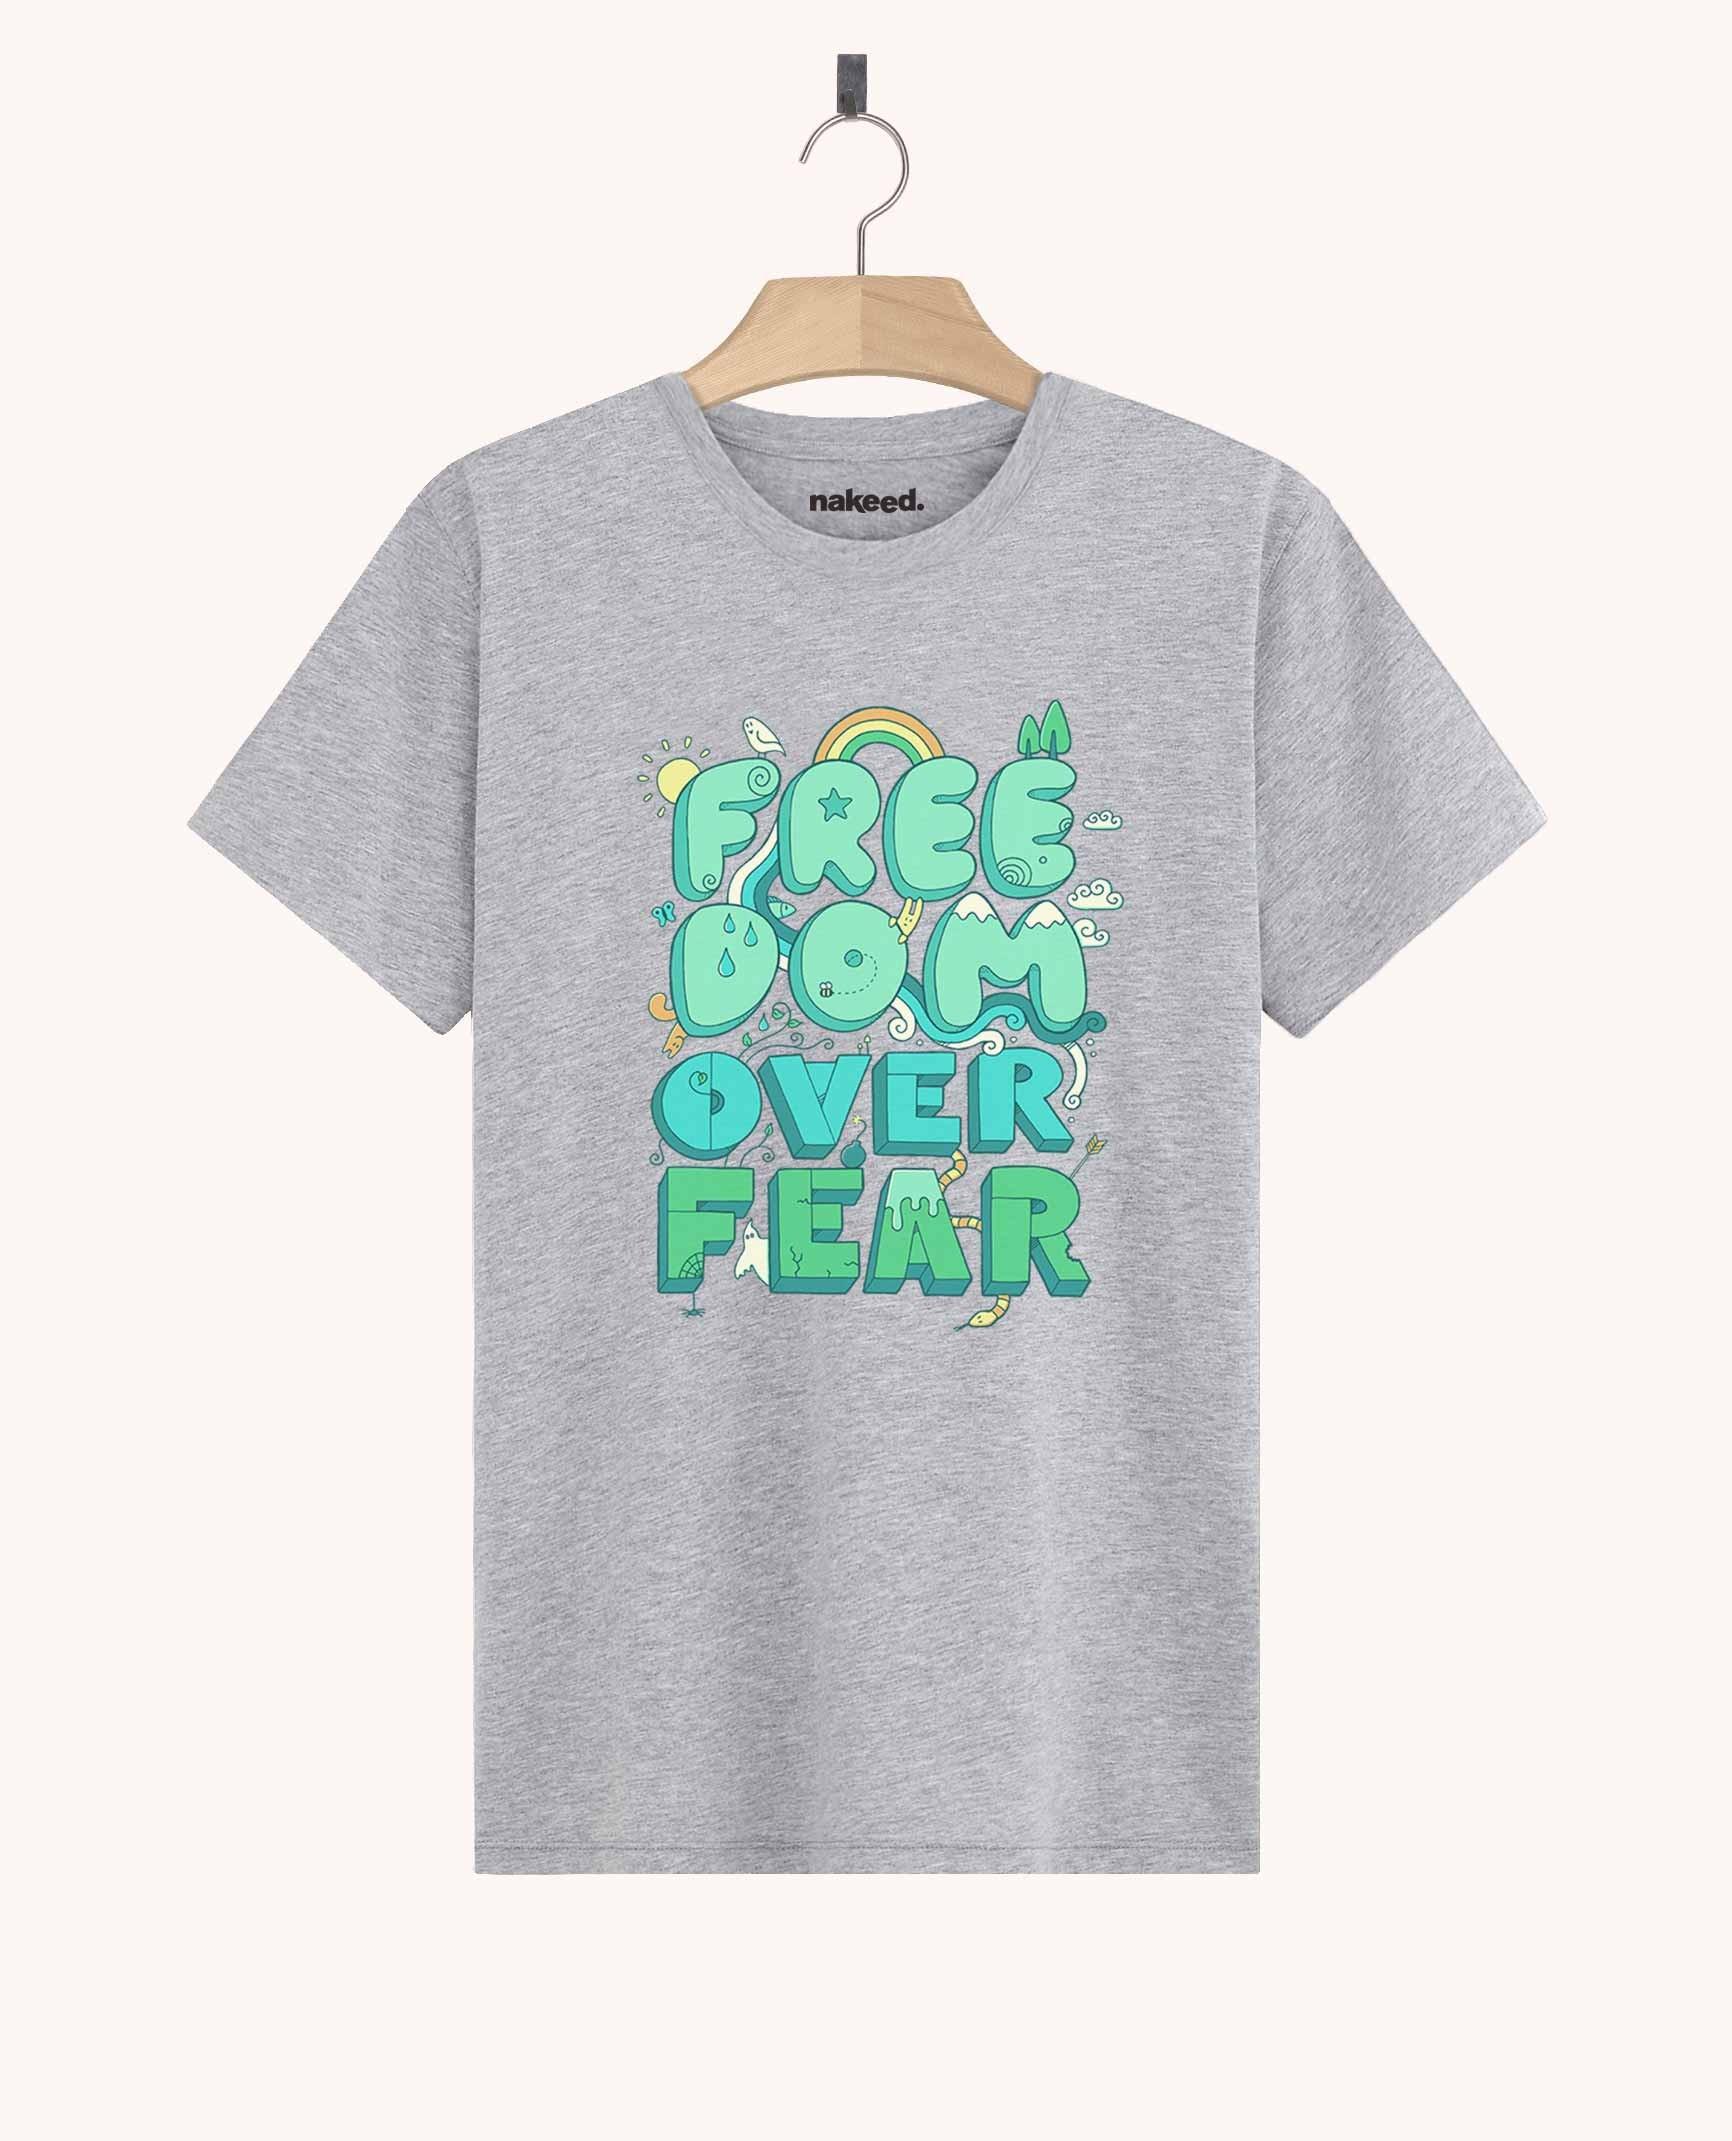 Teeshirt Freedom Over Fear